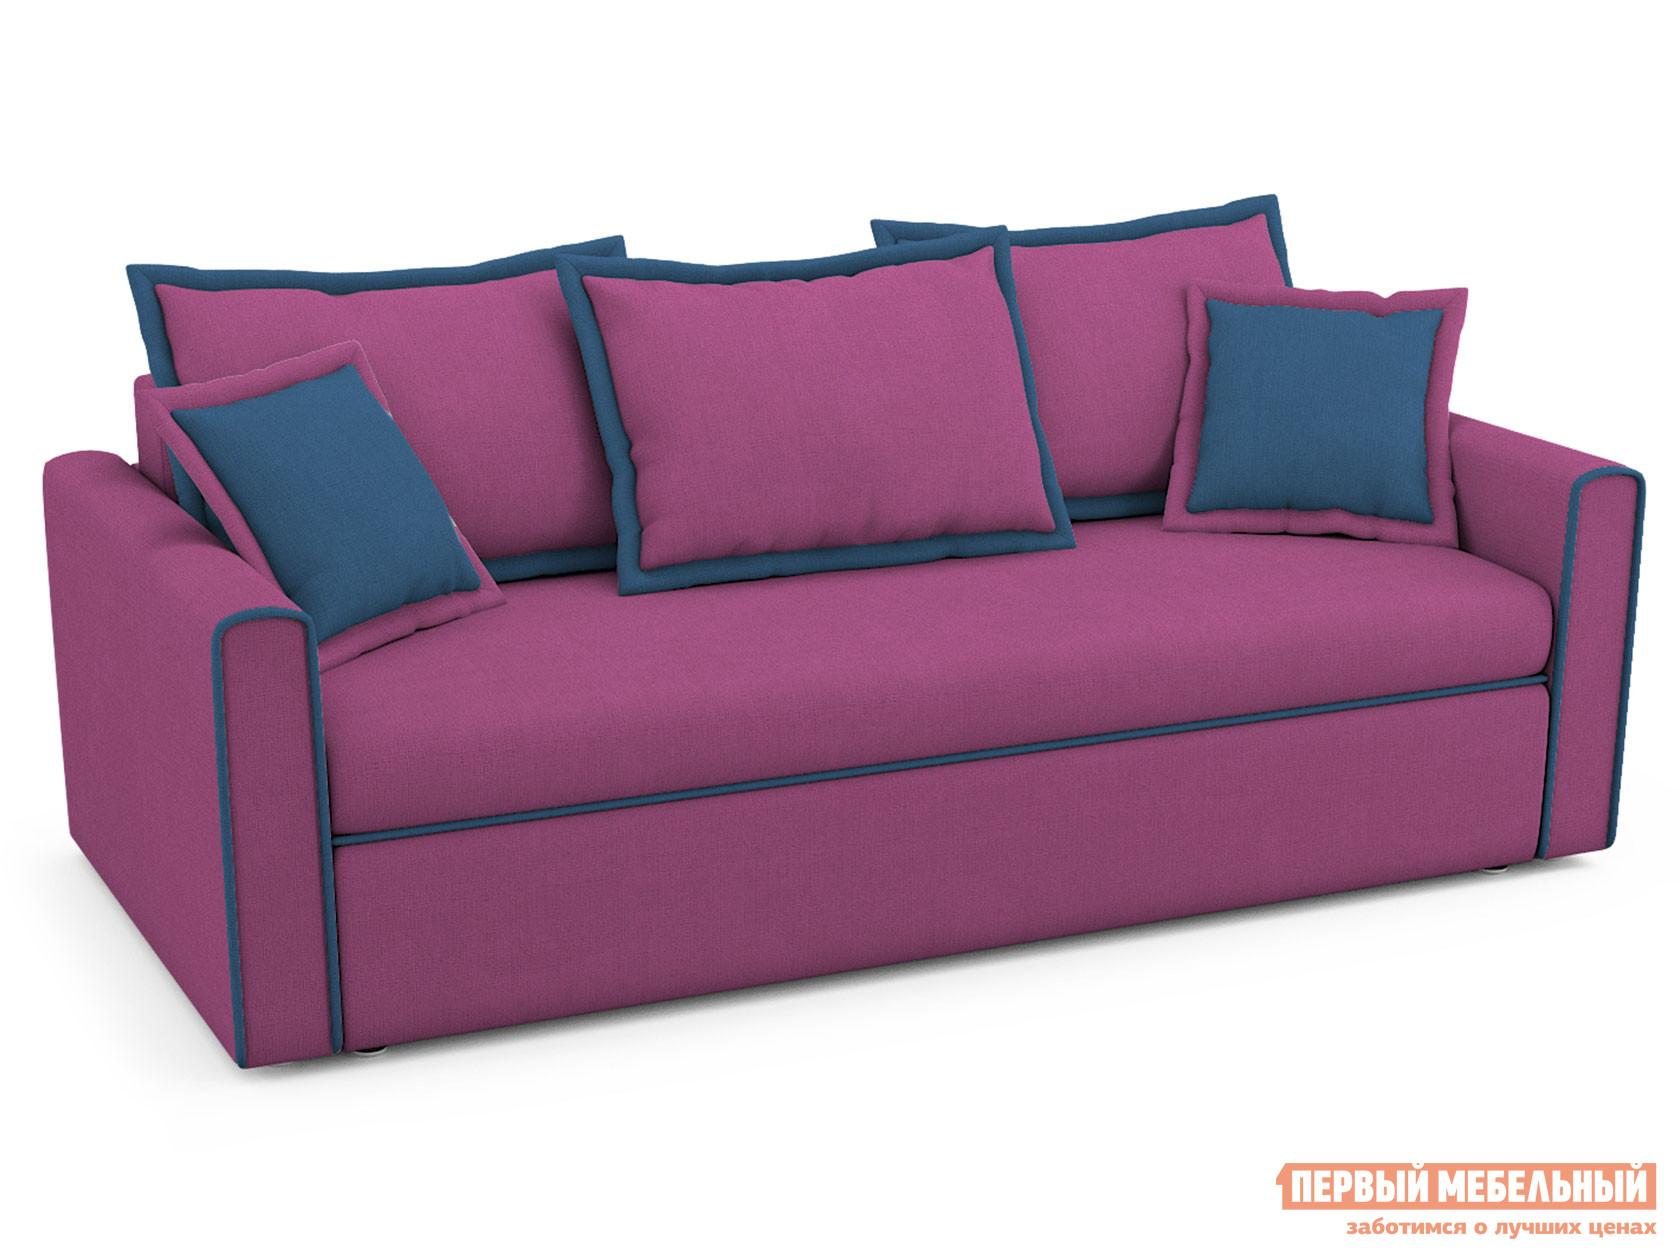 Прямой диван  Прямой диван Франсуа Пурпурный, рогожка